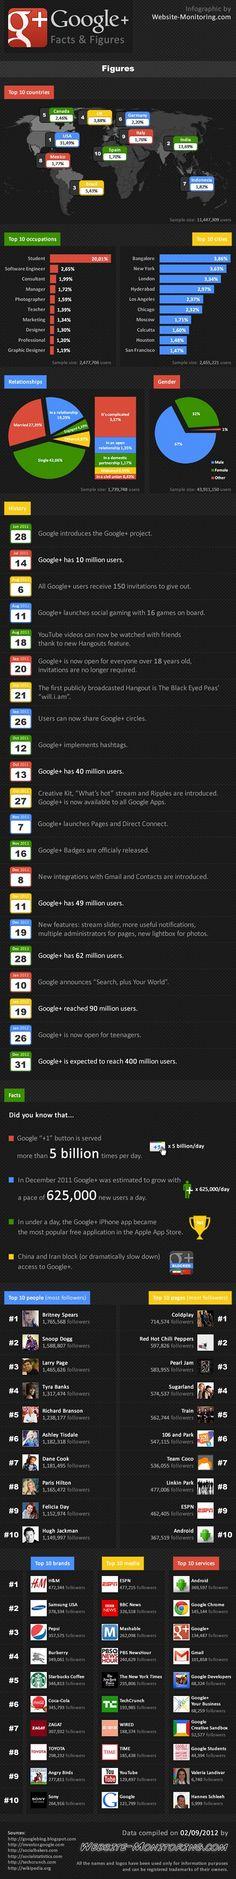 Google+ : 400 millions d'utilisateur d'ici fin 2012 !